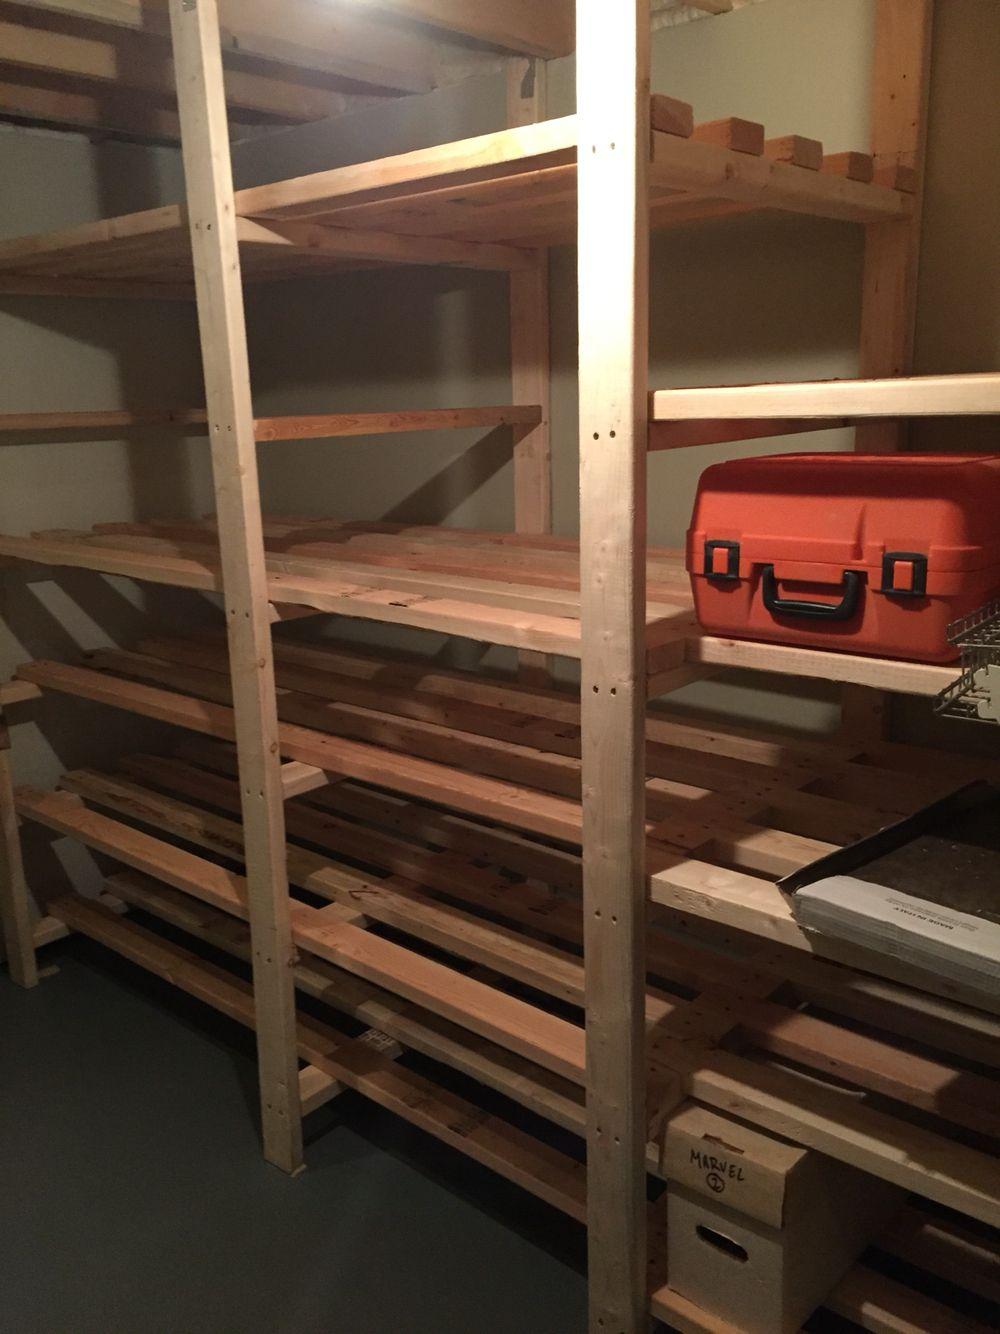 3/24/16 Basement Room Storage Unit Complete 128e